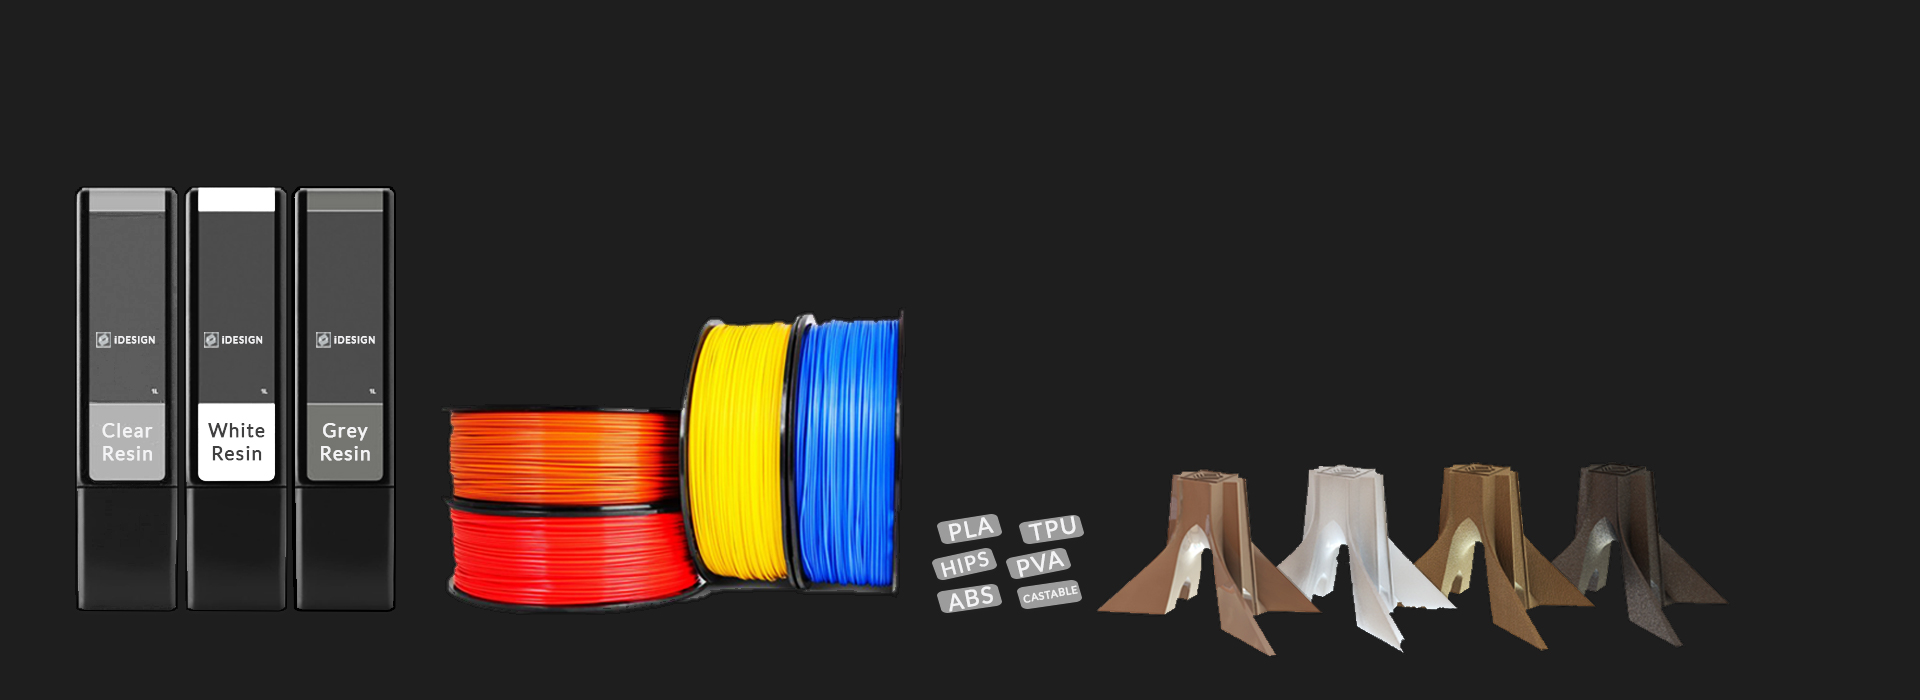 تنوع مواد پرینت سه بعدی